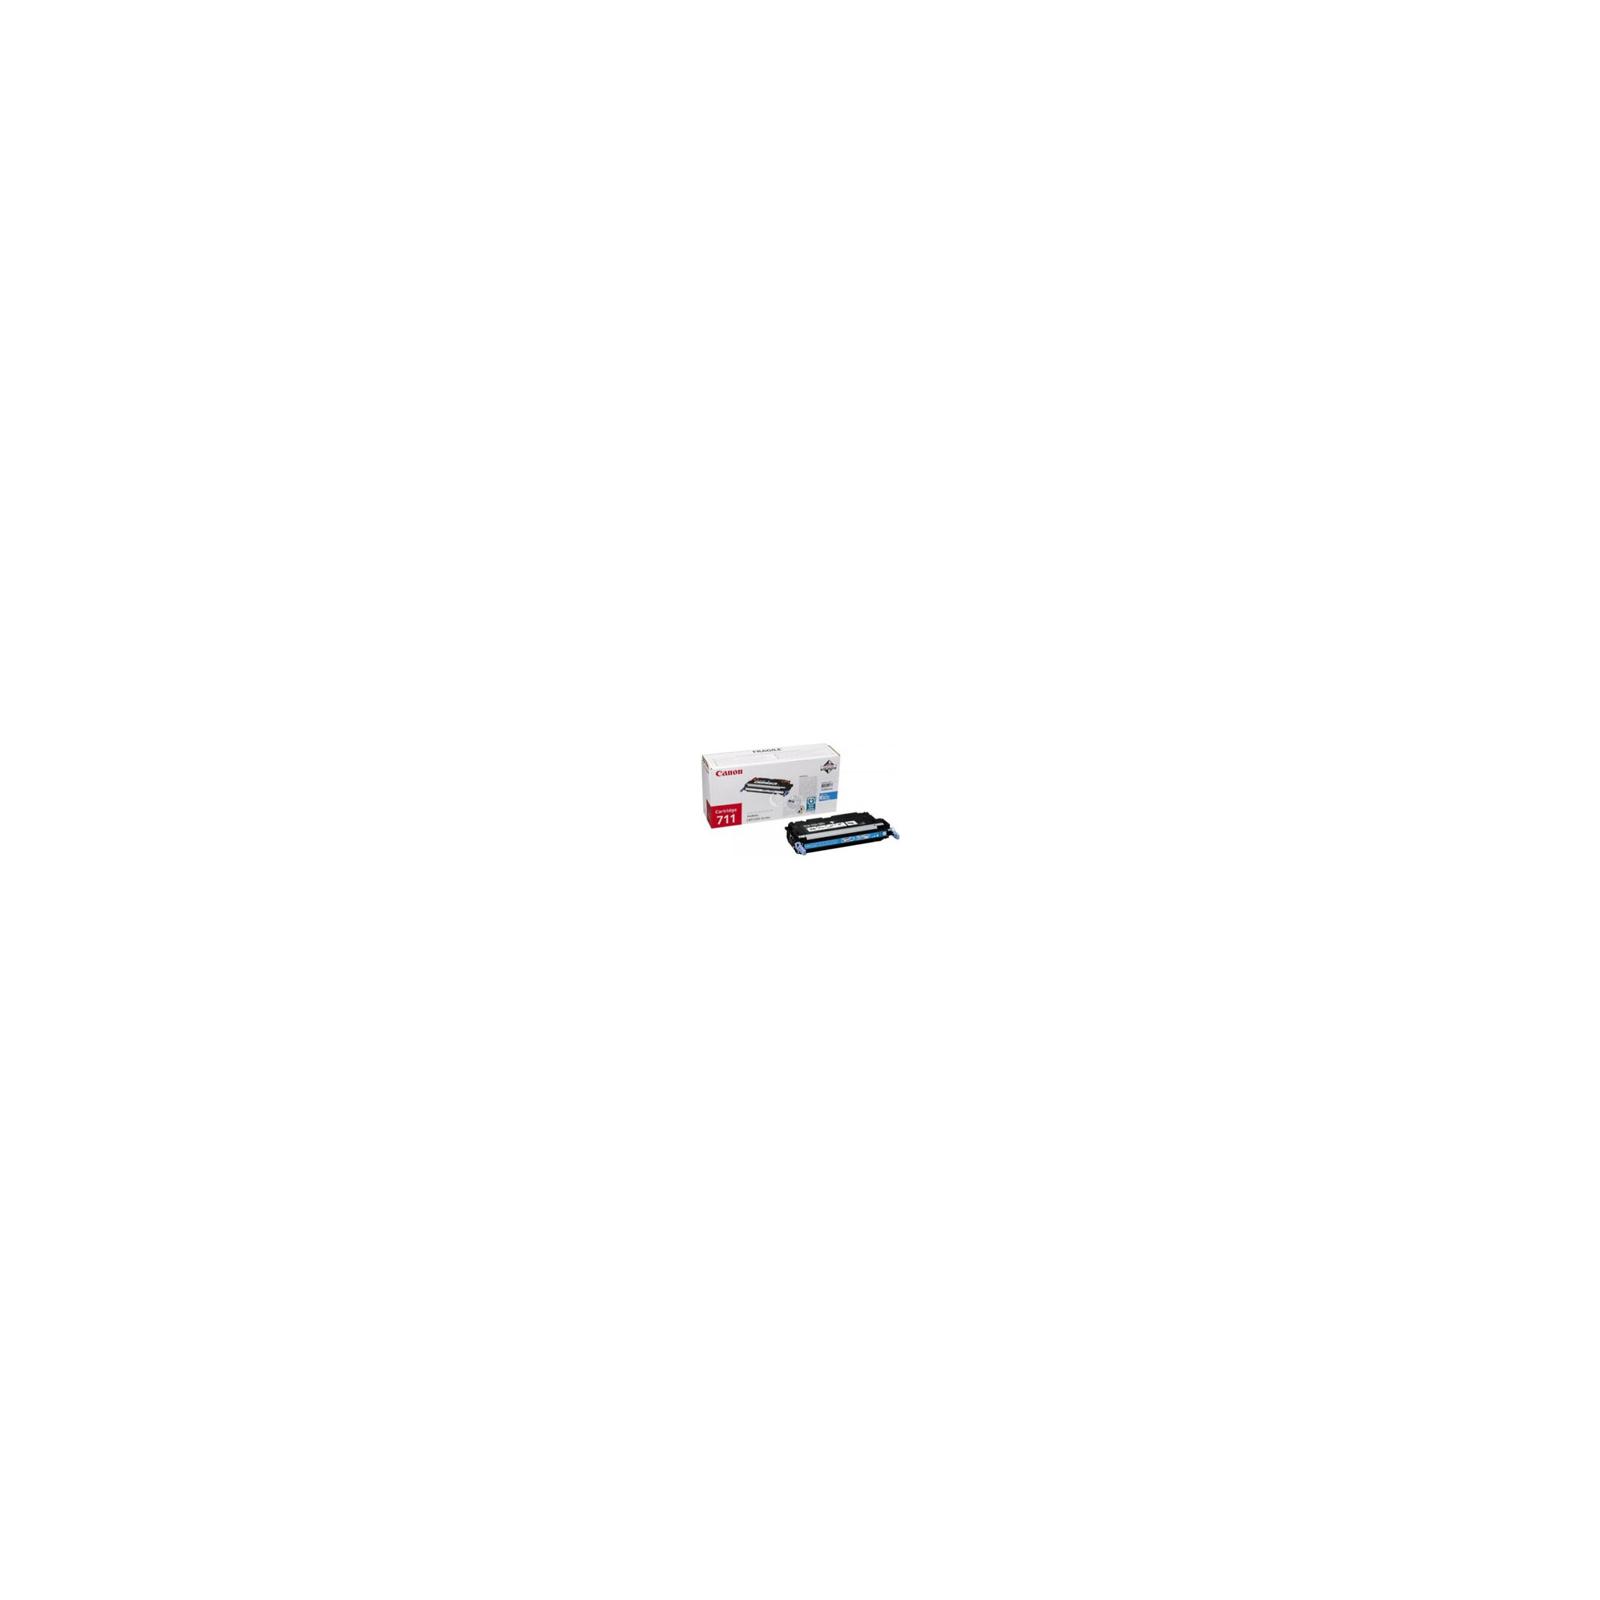 Картридж Canon 711 Cyan для LBP5300 (1659B002)